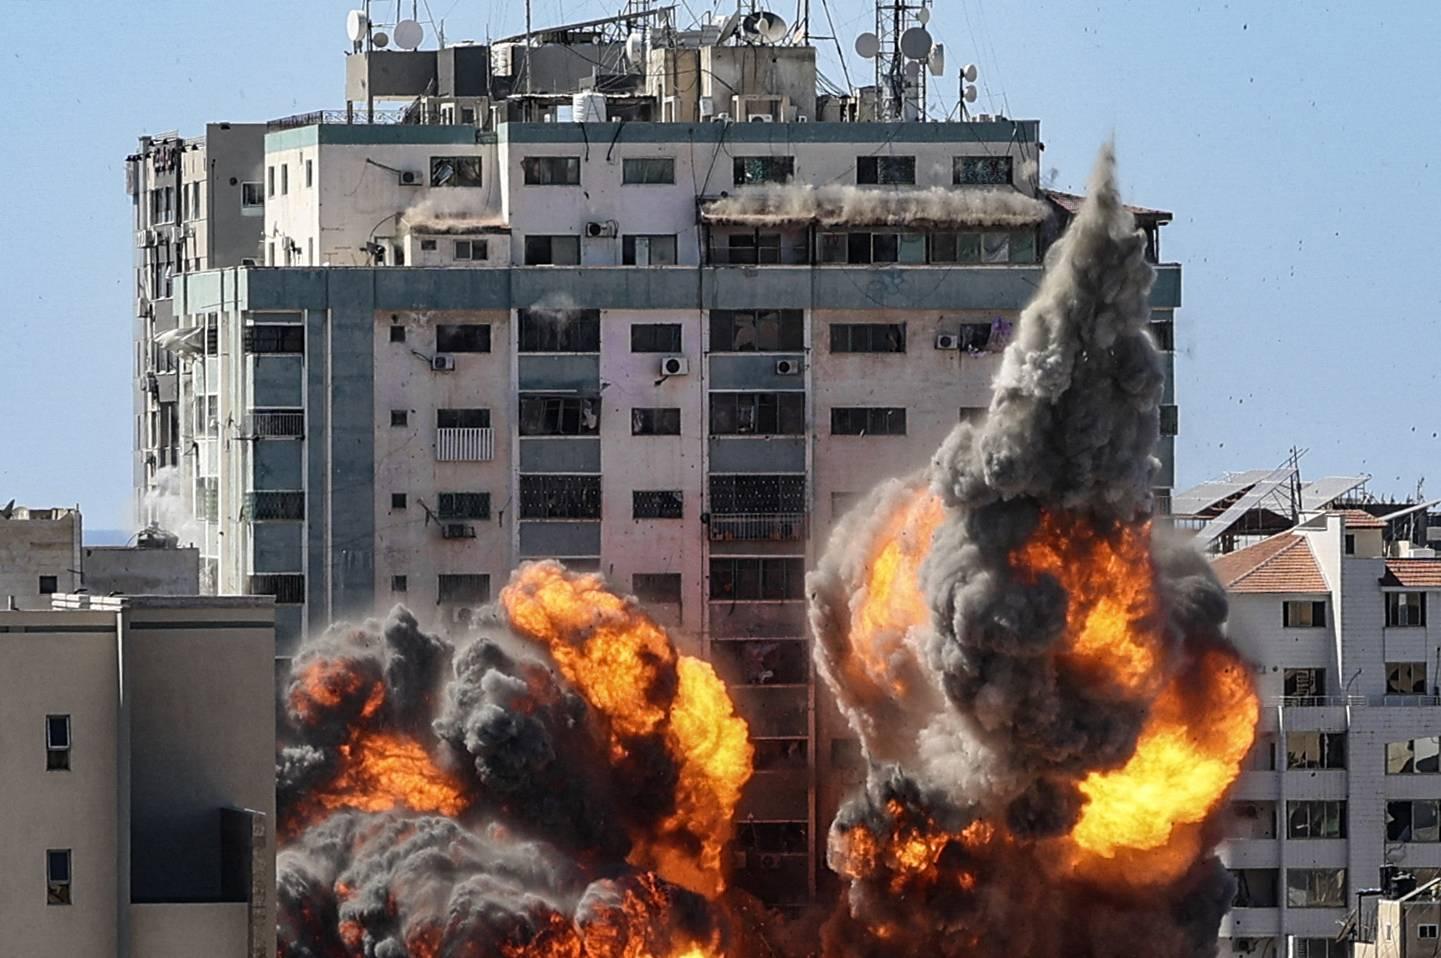 Acțiunile Israelului pun la îndoială siguranța jurnaliștilor internațiionali aflați în regiune